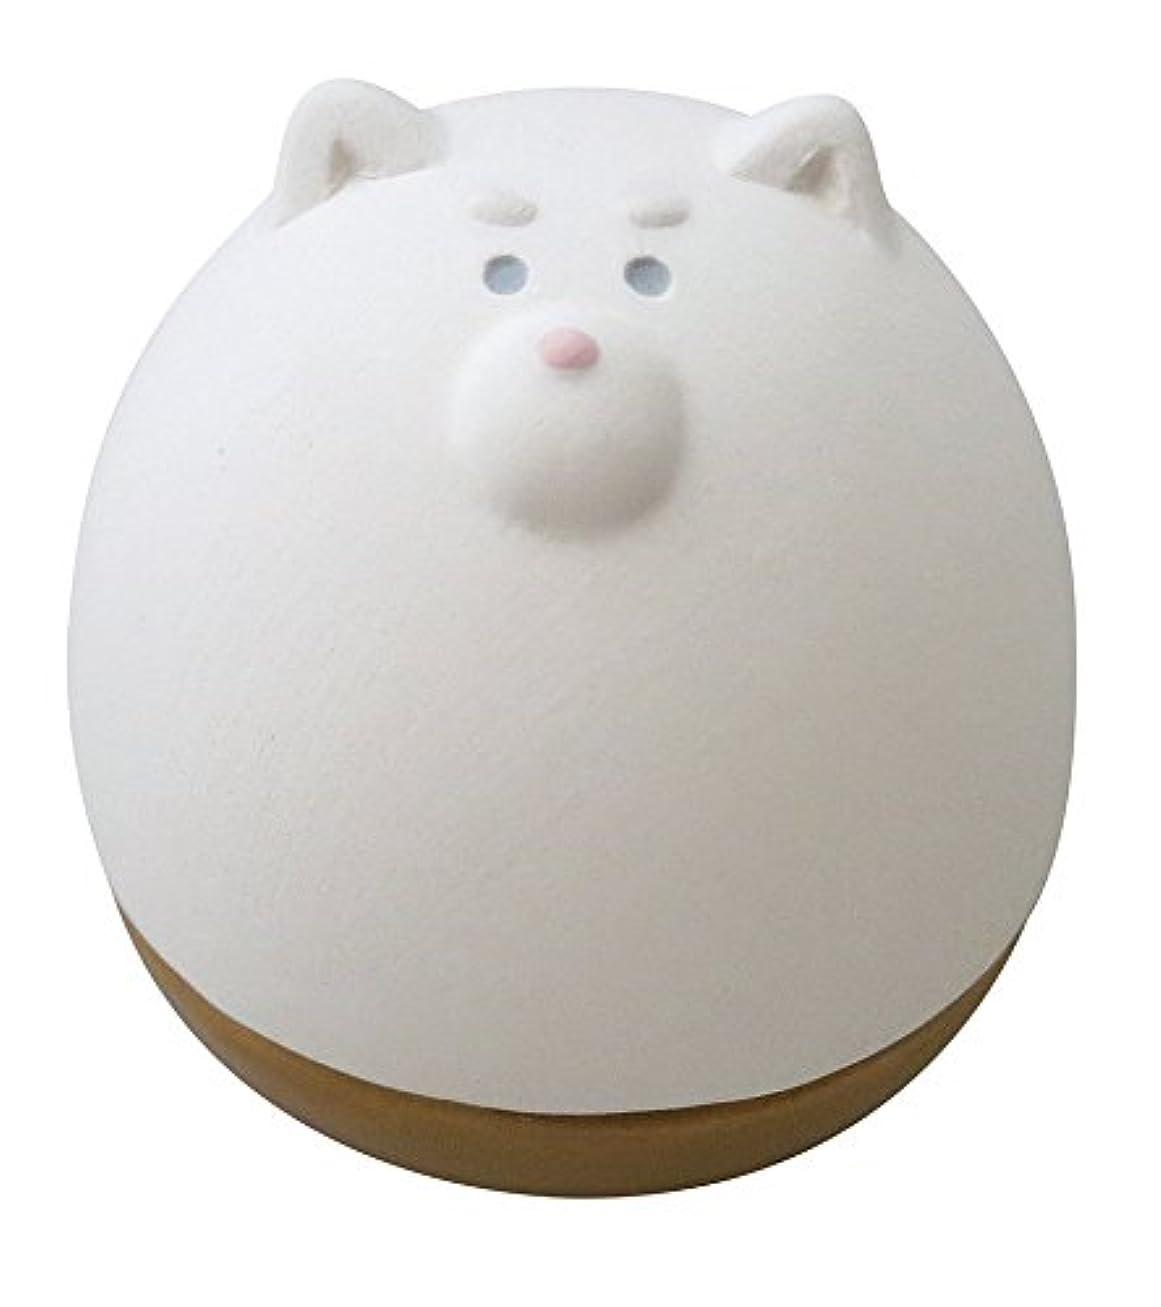 送金カイウスくしゃみデコレ(DECOLE) アロマおきあがりこぼし ホワイト 5.0×6.0×h5.6 しば AG-92302